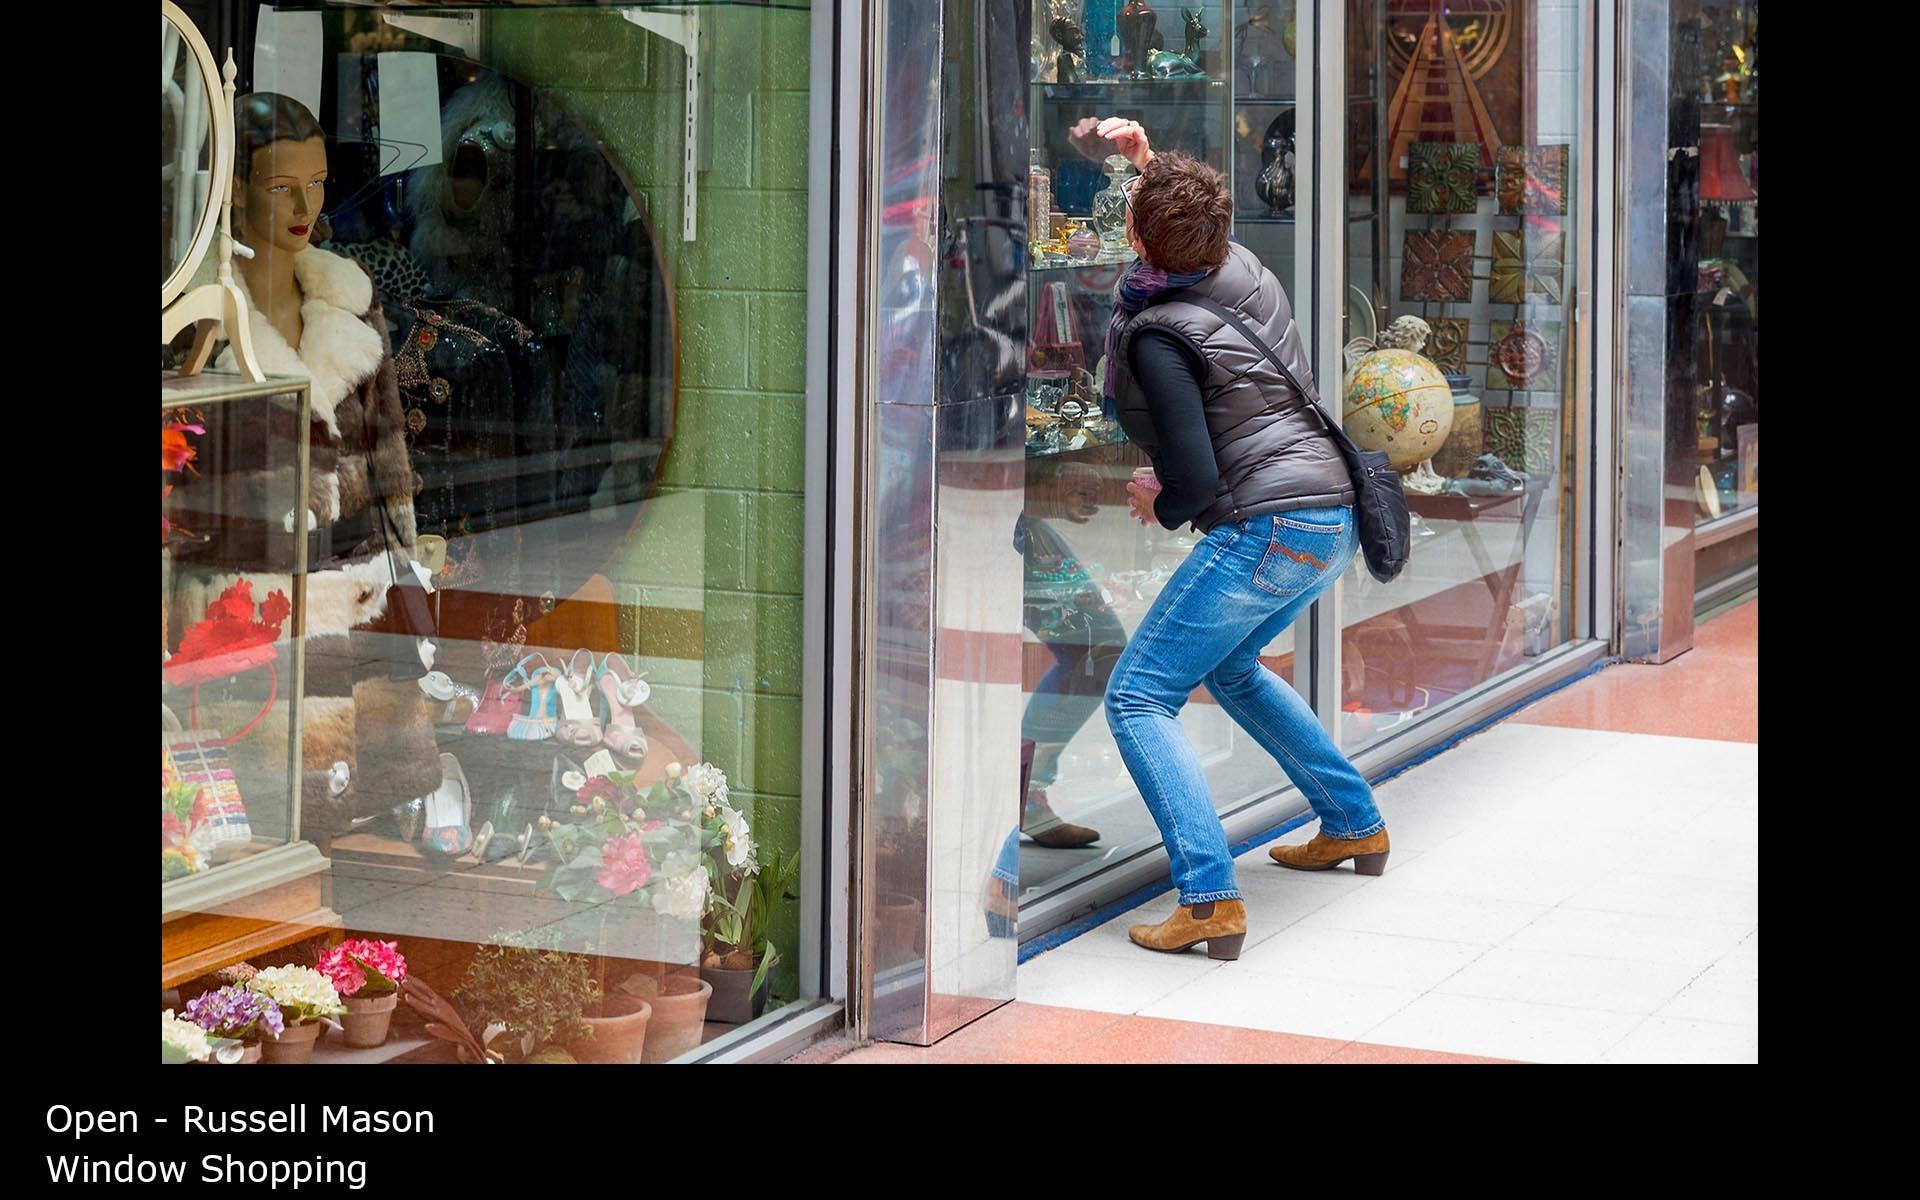 Window Shopping - Russell Mason